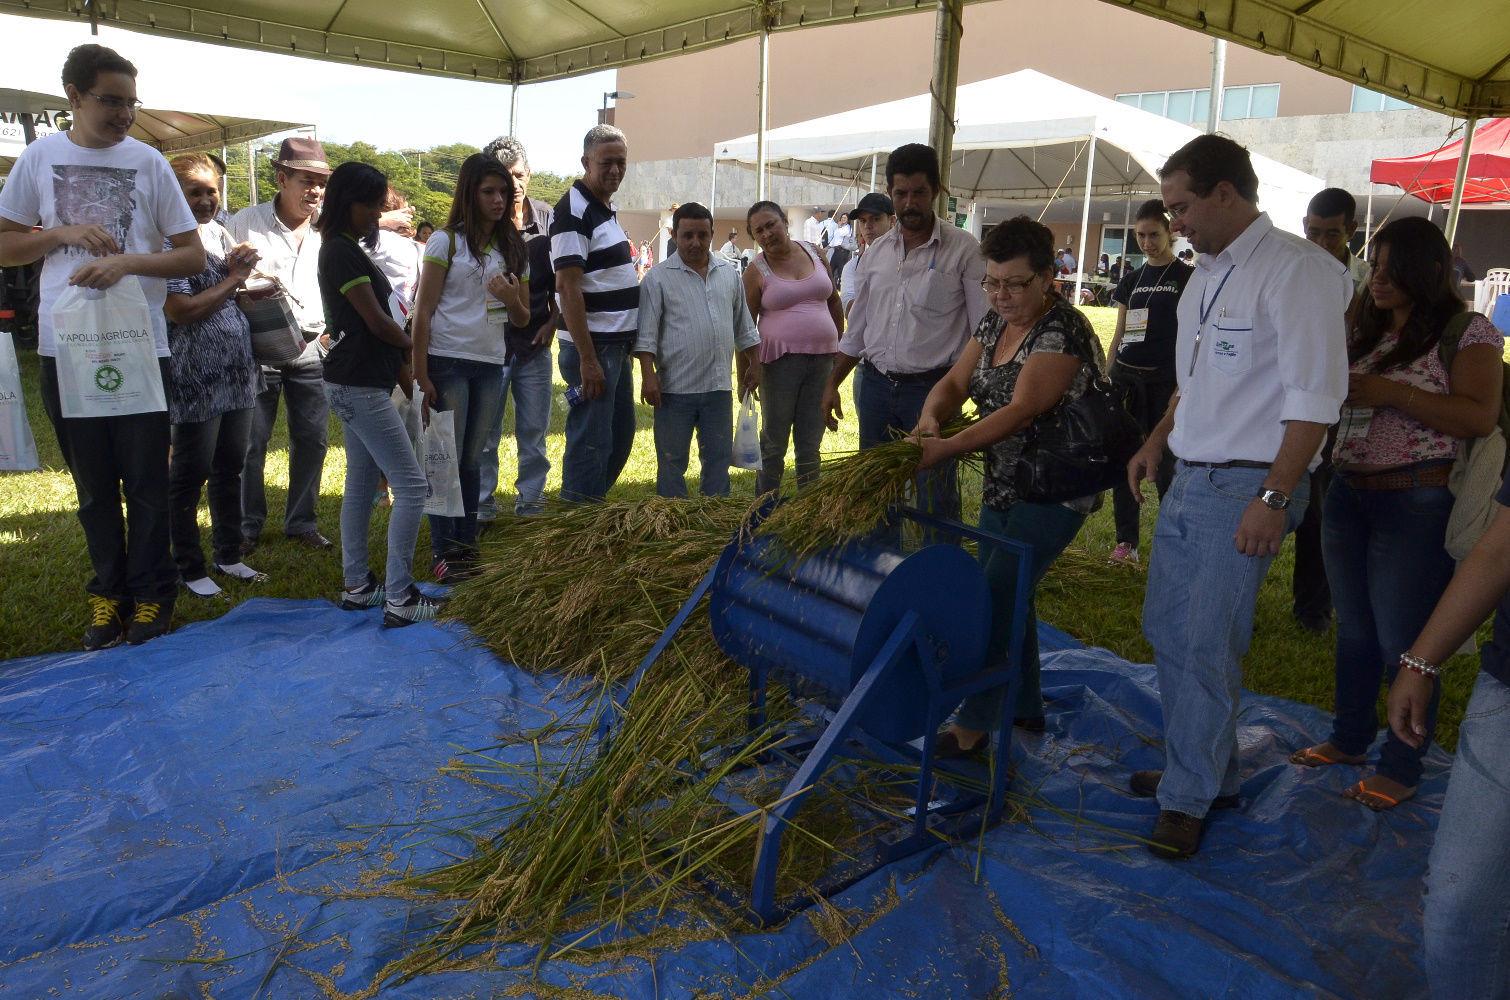 Evento propõe formação e atividades demonstrativas para público em geral